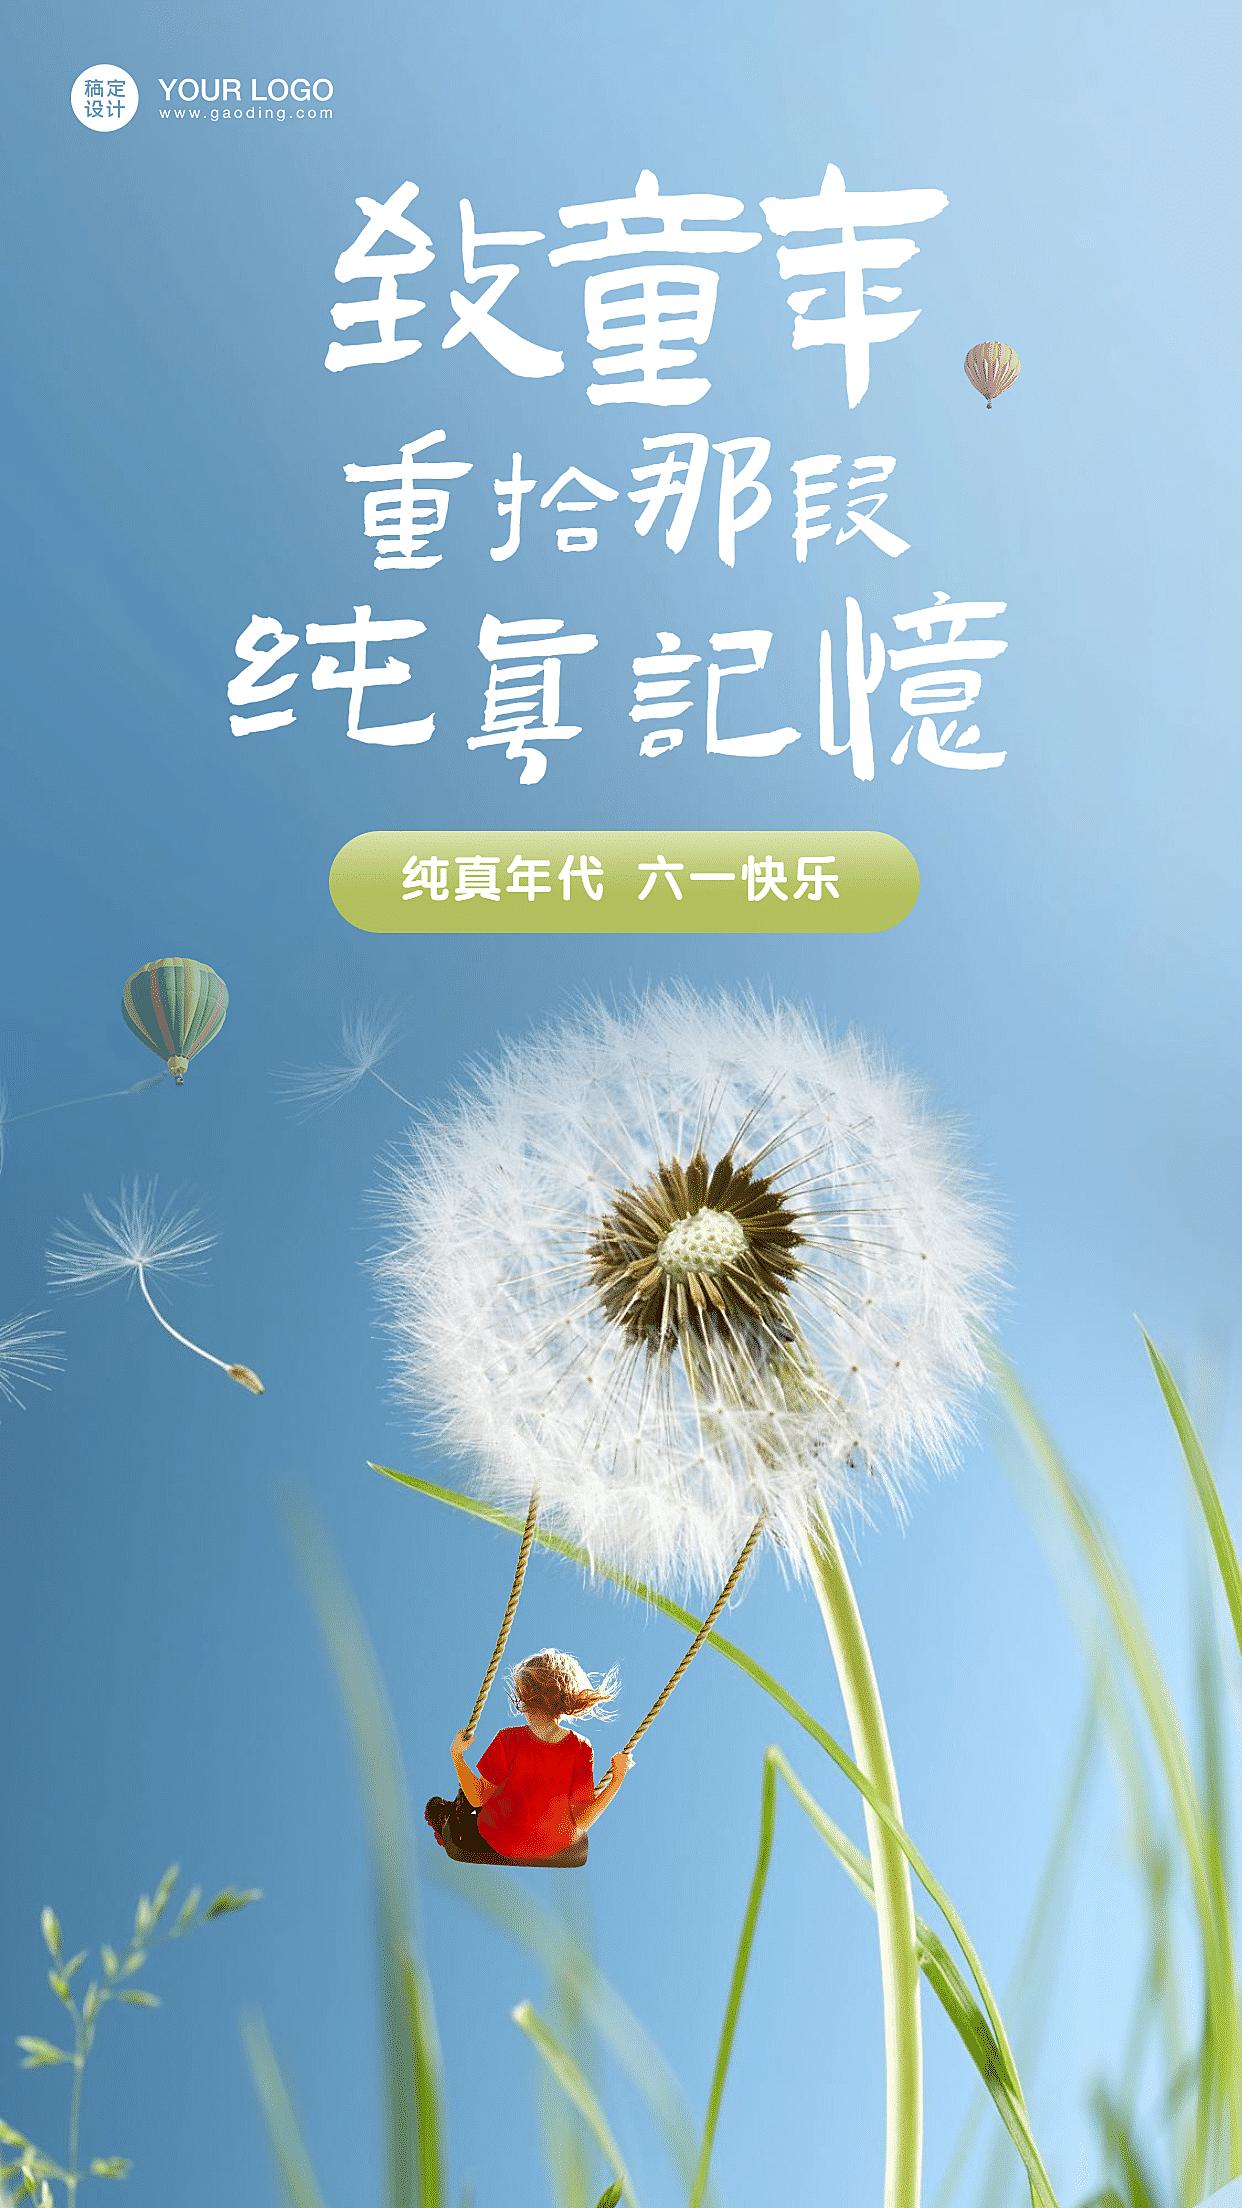 六一儿童节教育节日祝福手机海报